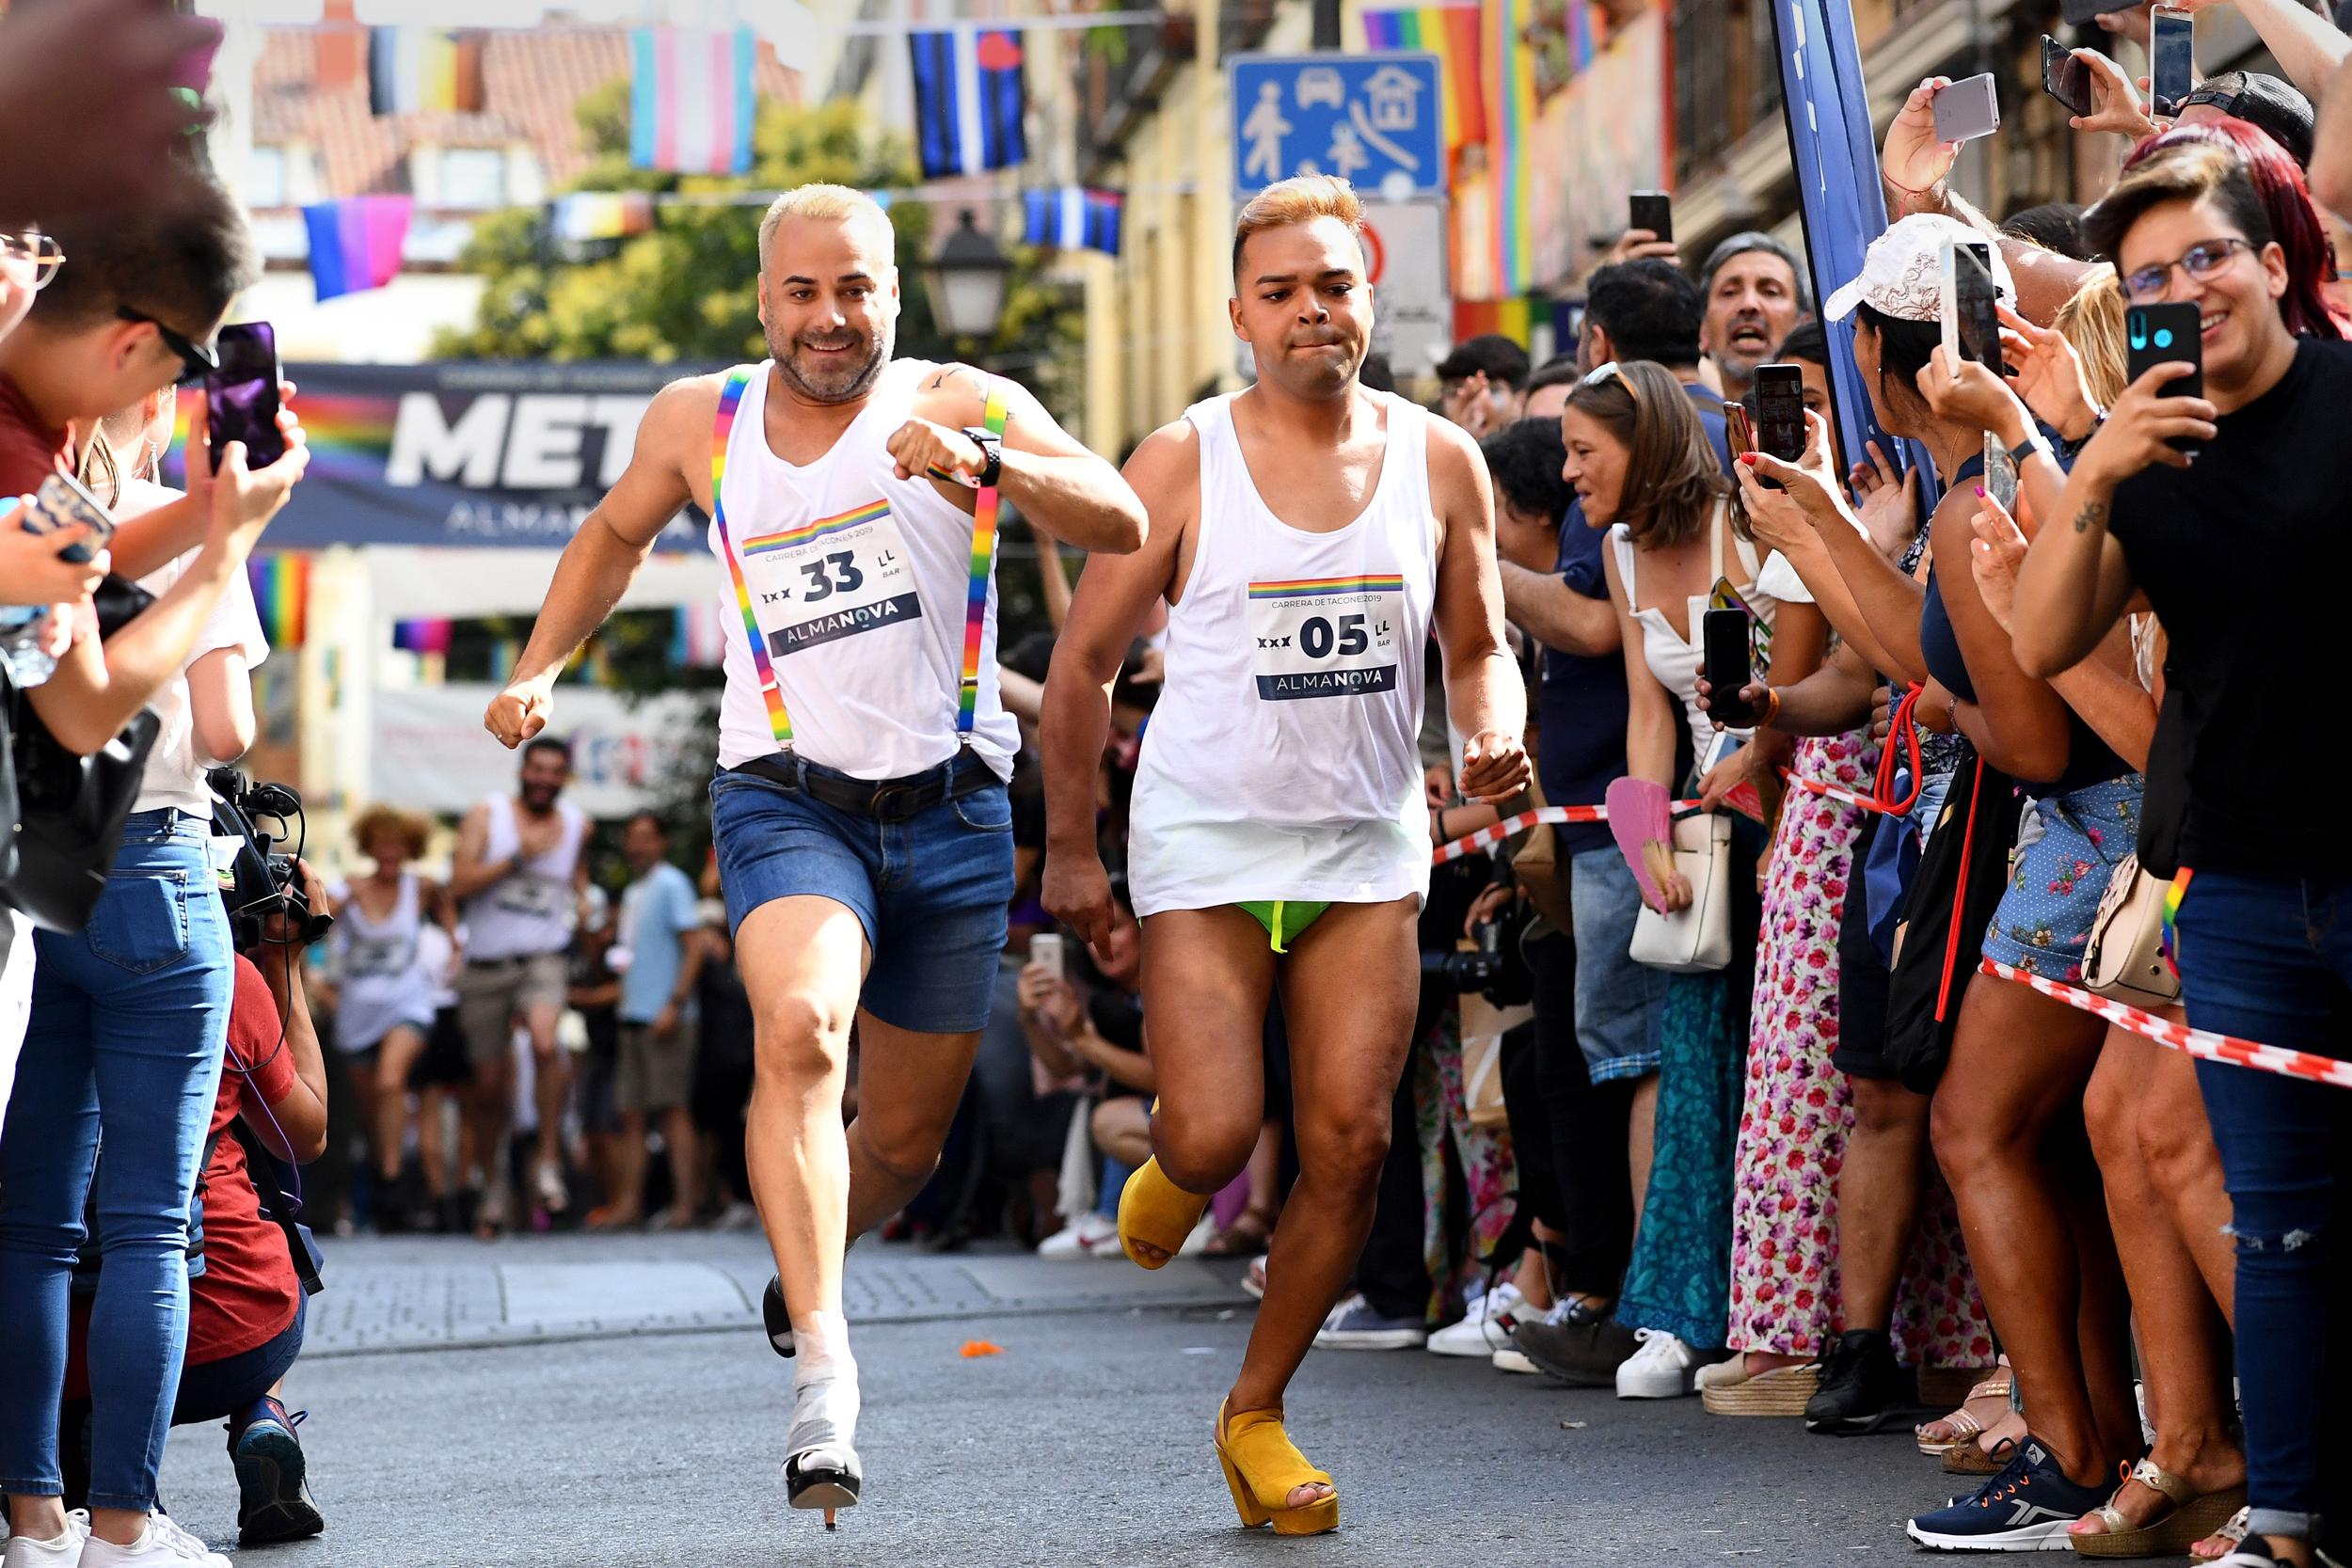 Madrid High Heels Run Defies Gravity Homophobia